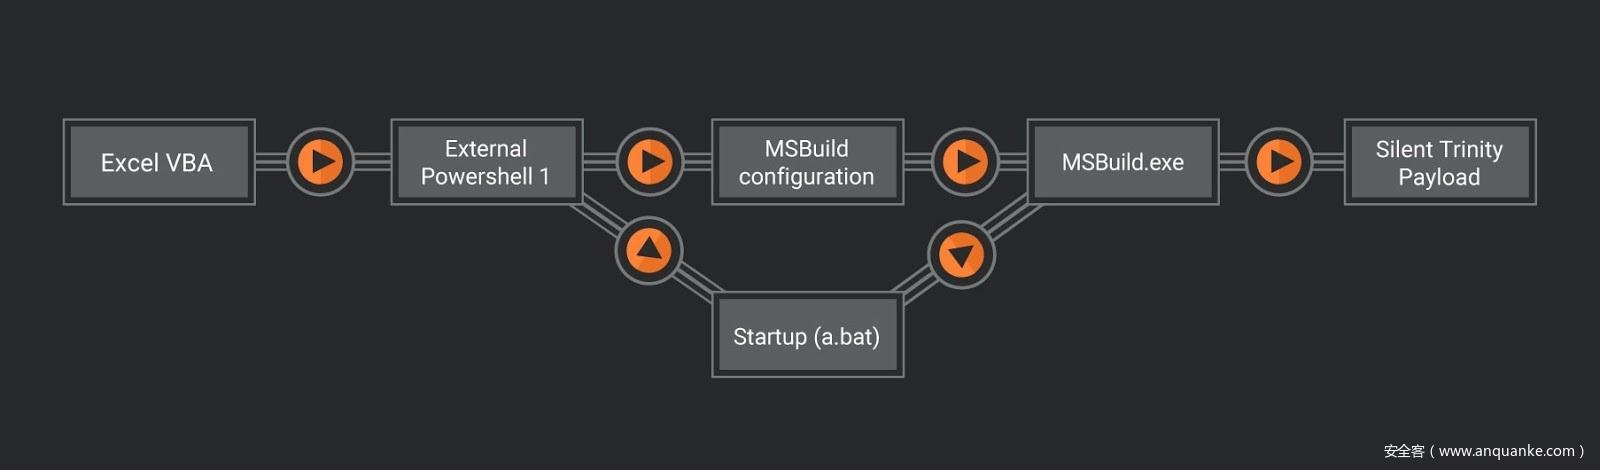 在xp的安全评测中_MSBuild在渗透测试中的应用 - 安全客,安全资讯平台